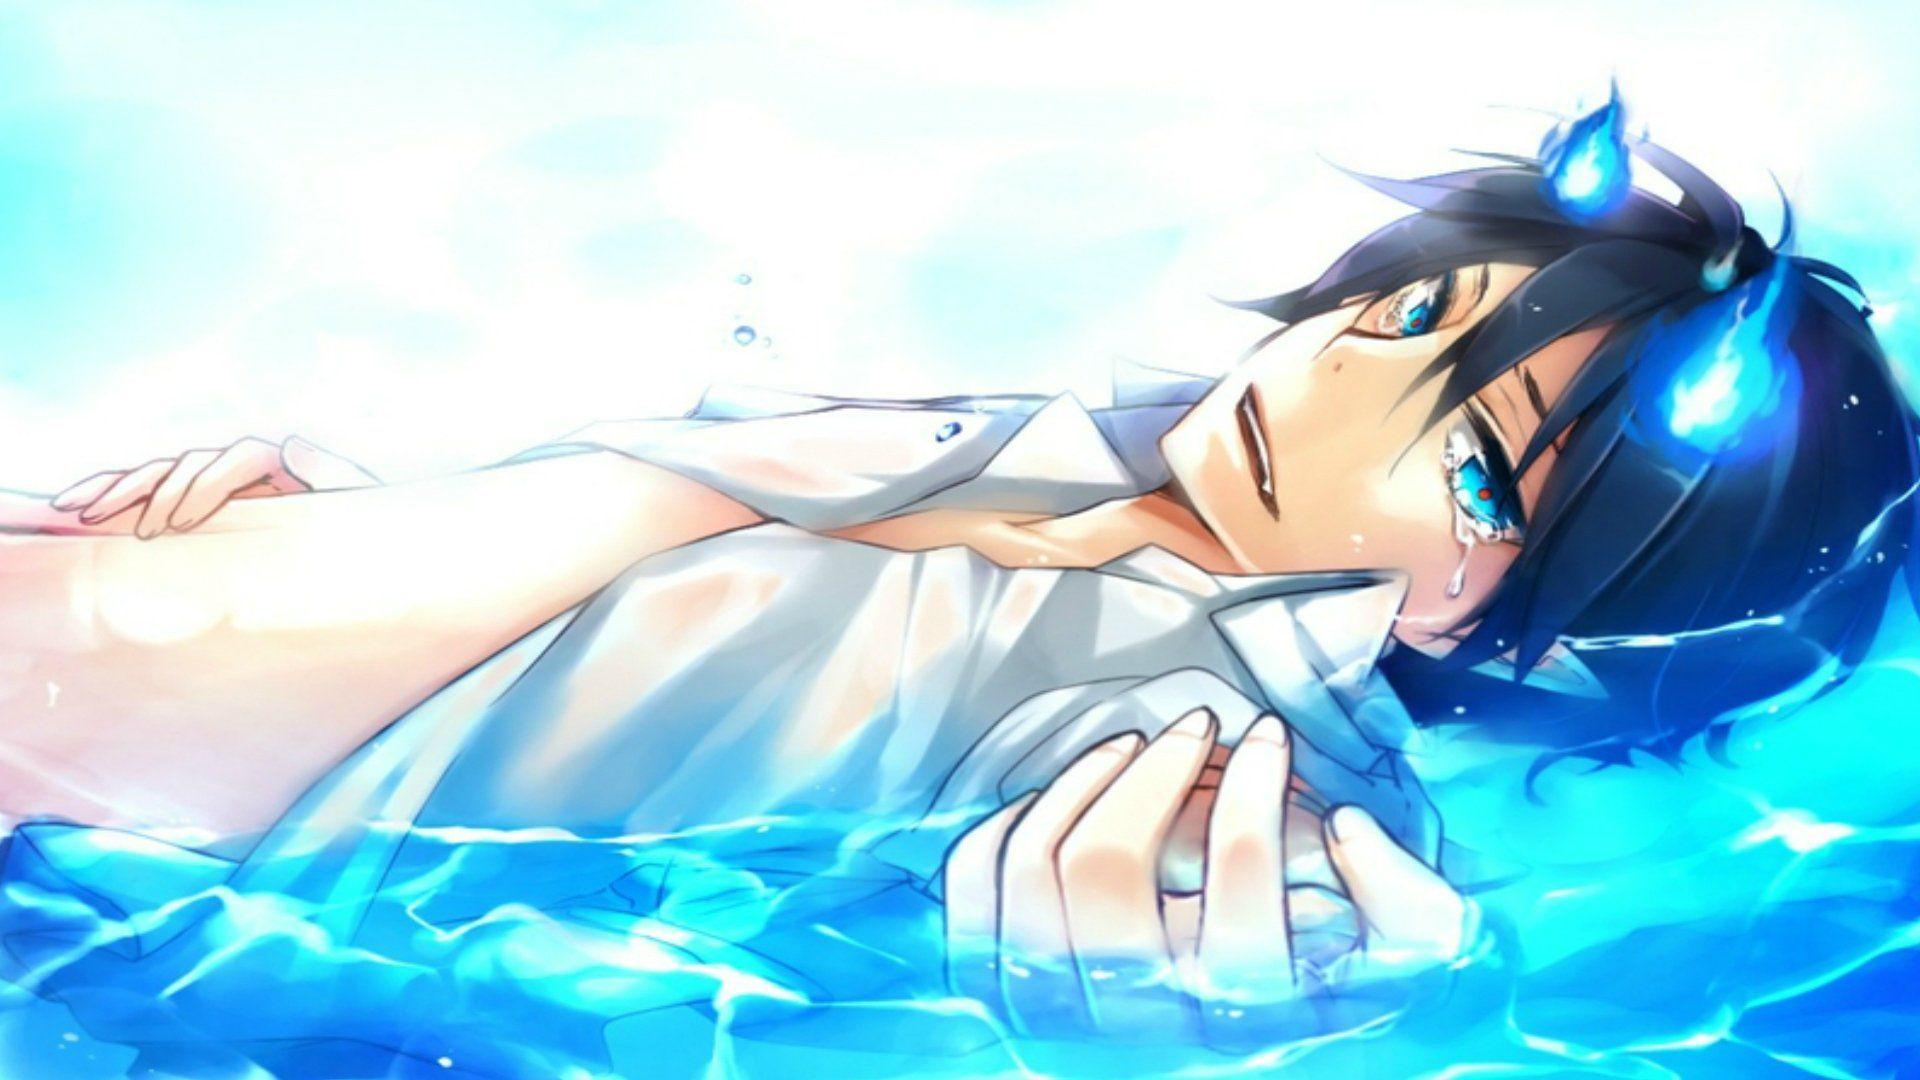 Anime Blue Exorcist Anime Ao No Exorcist Wallpaper Blue Exorcist Rin Blue Exorcist Blue Exorcist Anime